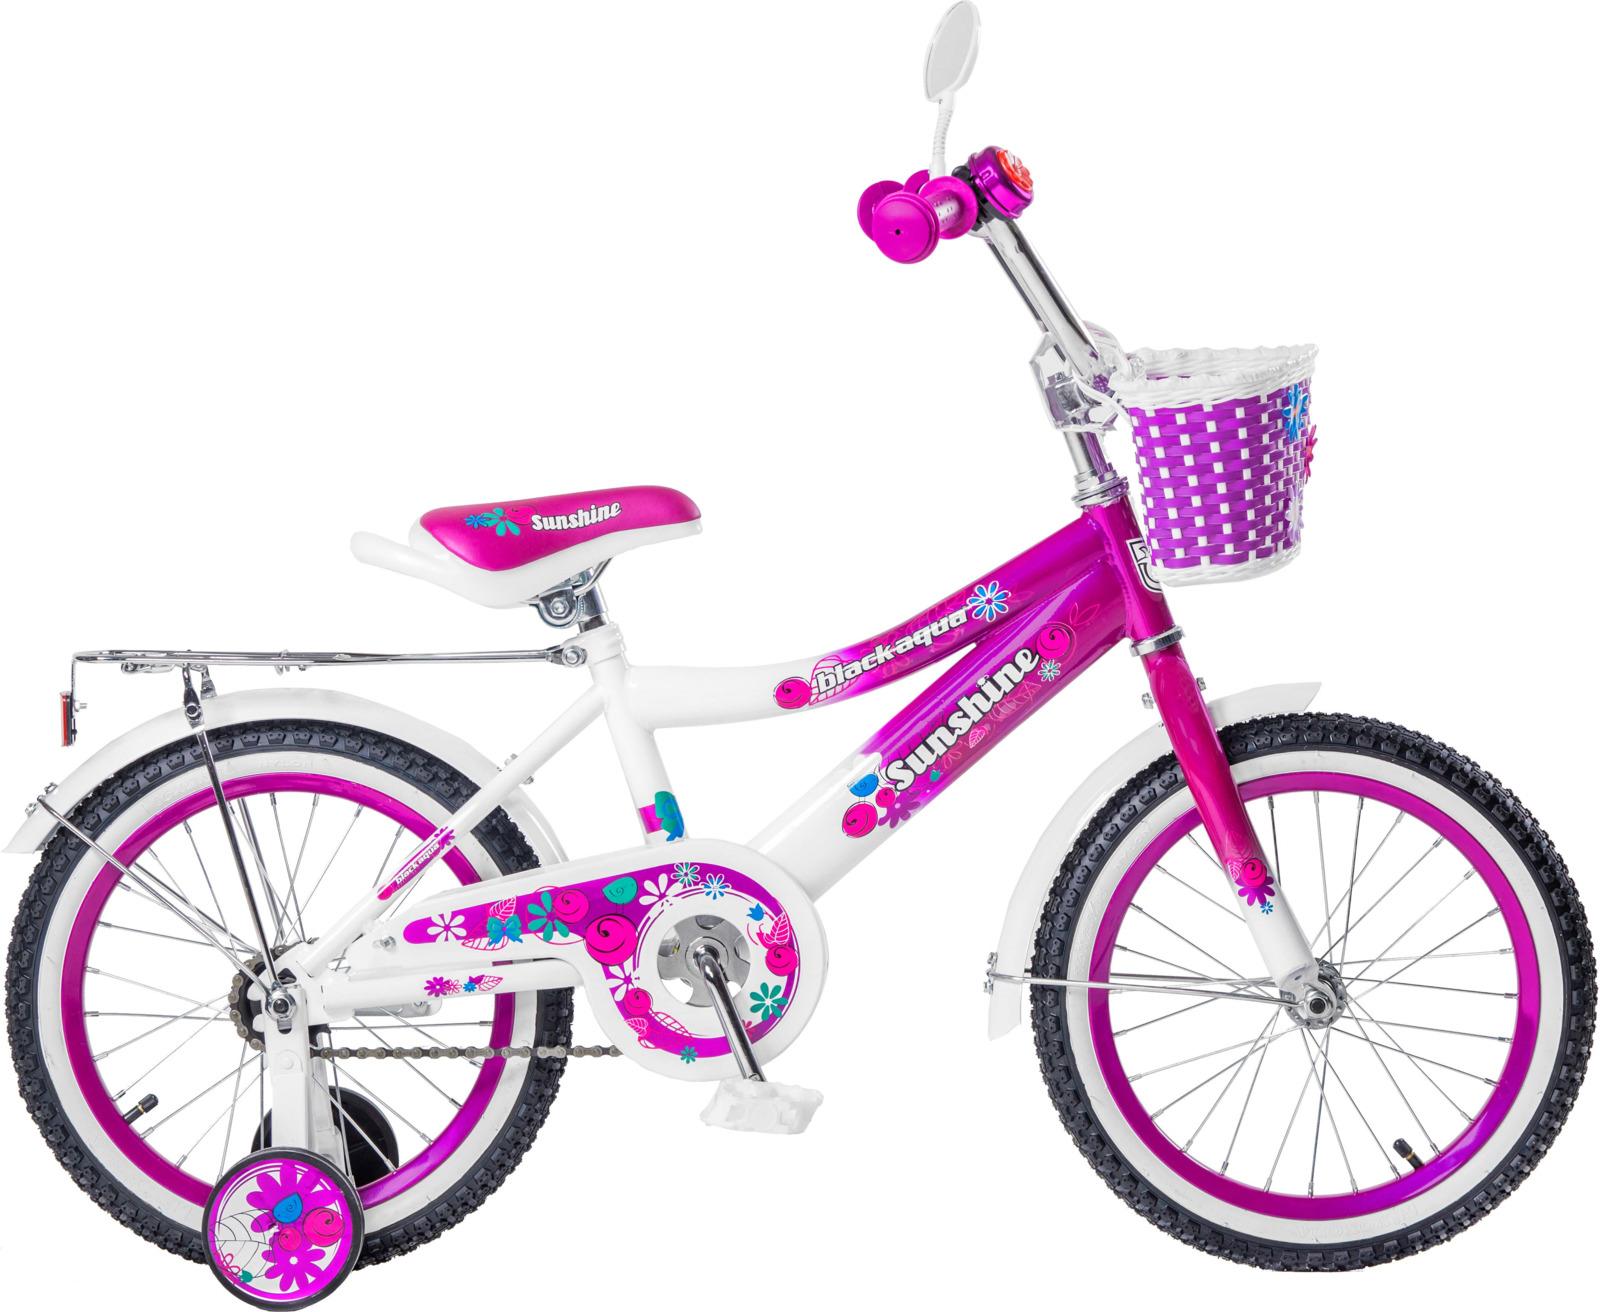 Велосипед детский Black Aqua Sunshine, KG1422, с ручкой, со светящимися колесами, колесо 14, малиновый